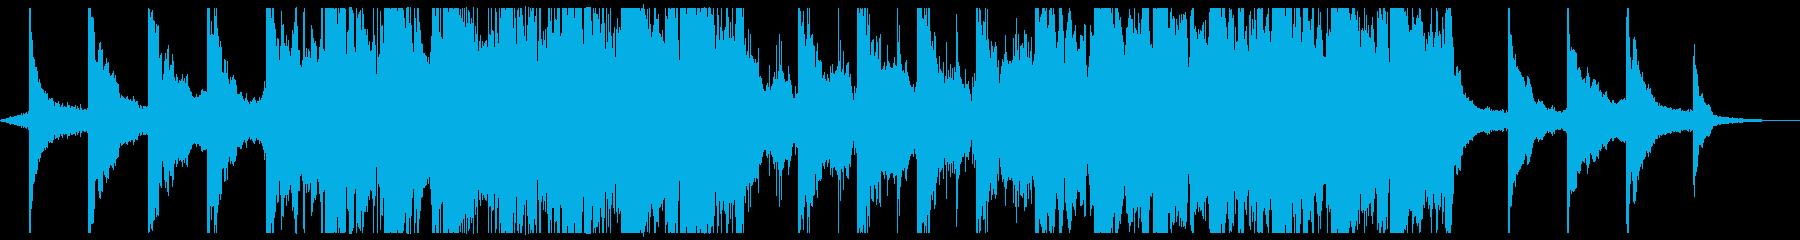 現代の交響曲 アンビエント 神経質...の再生済みの波形